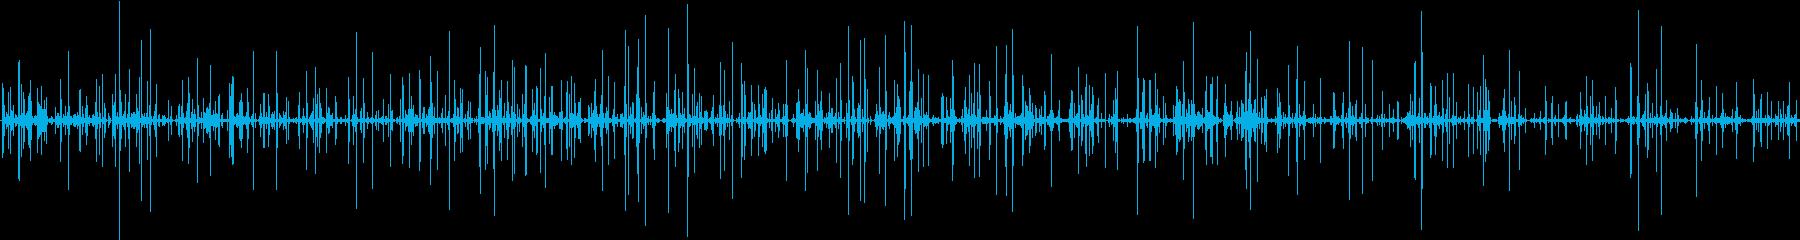 紙をビリビリと千切る音の再生済みの波形